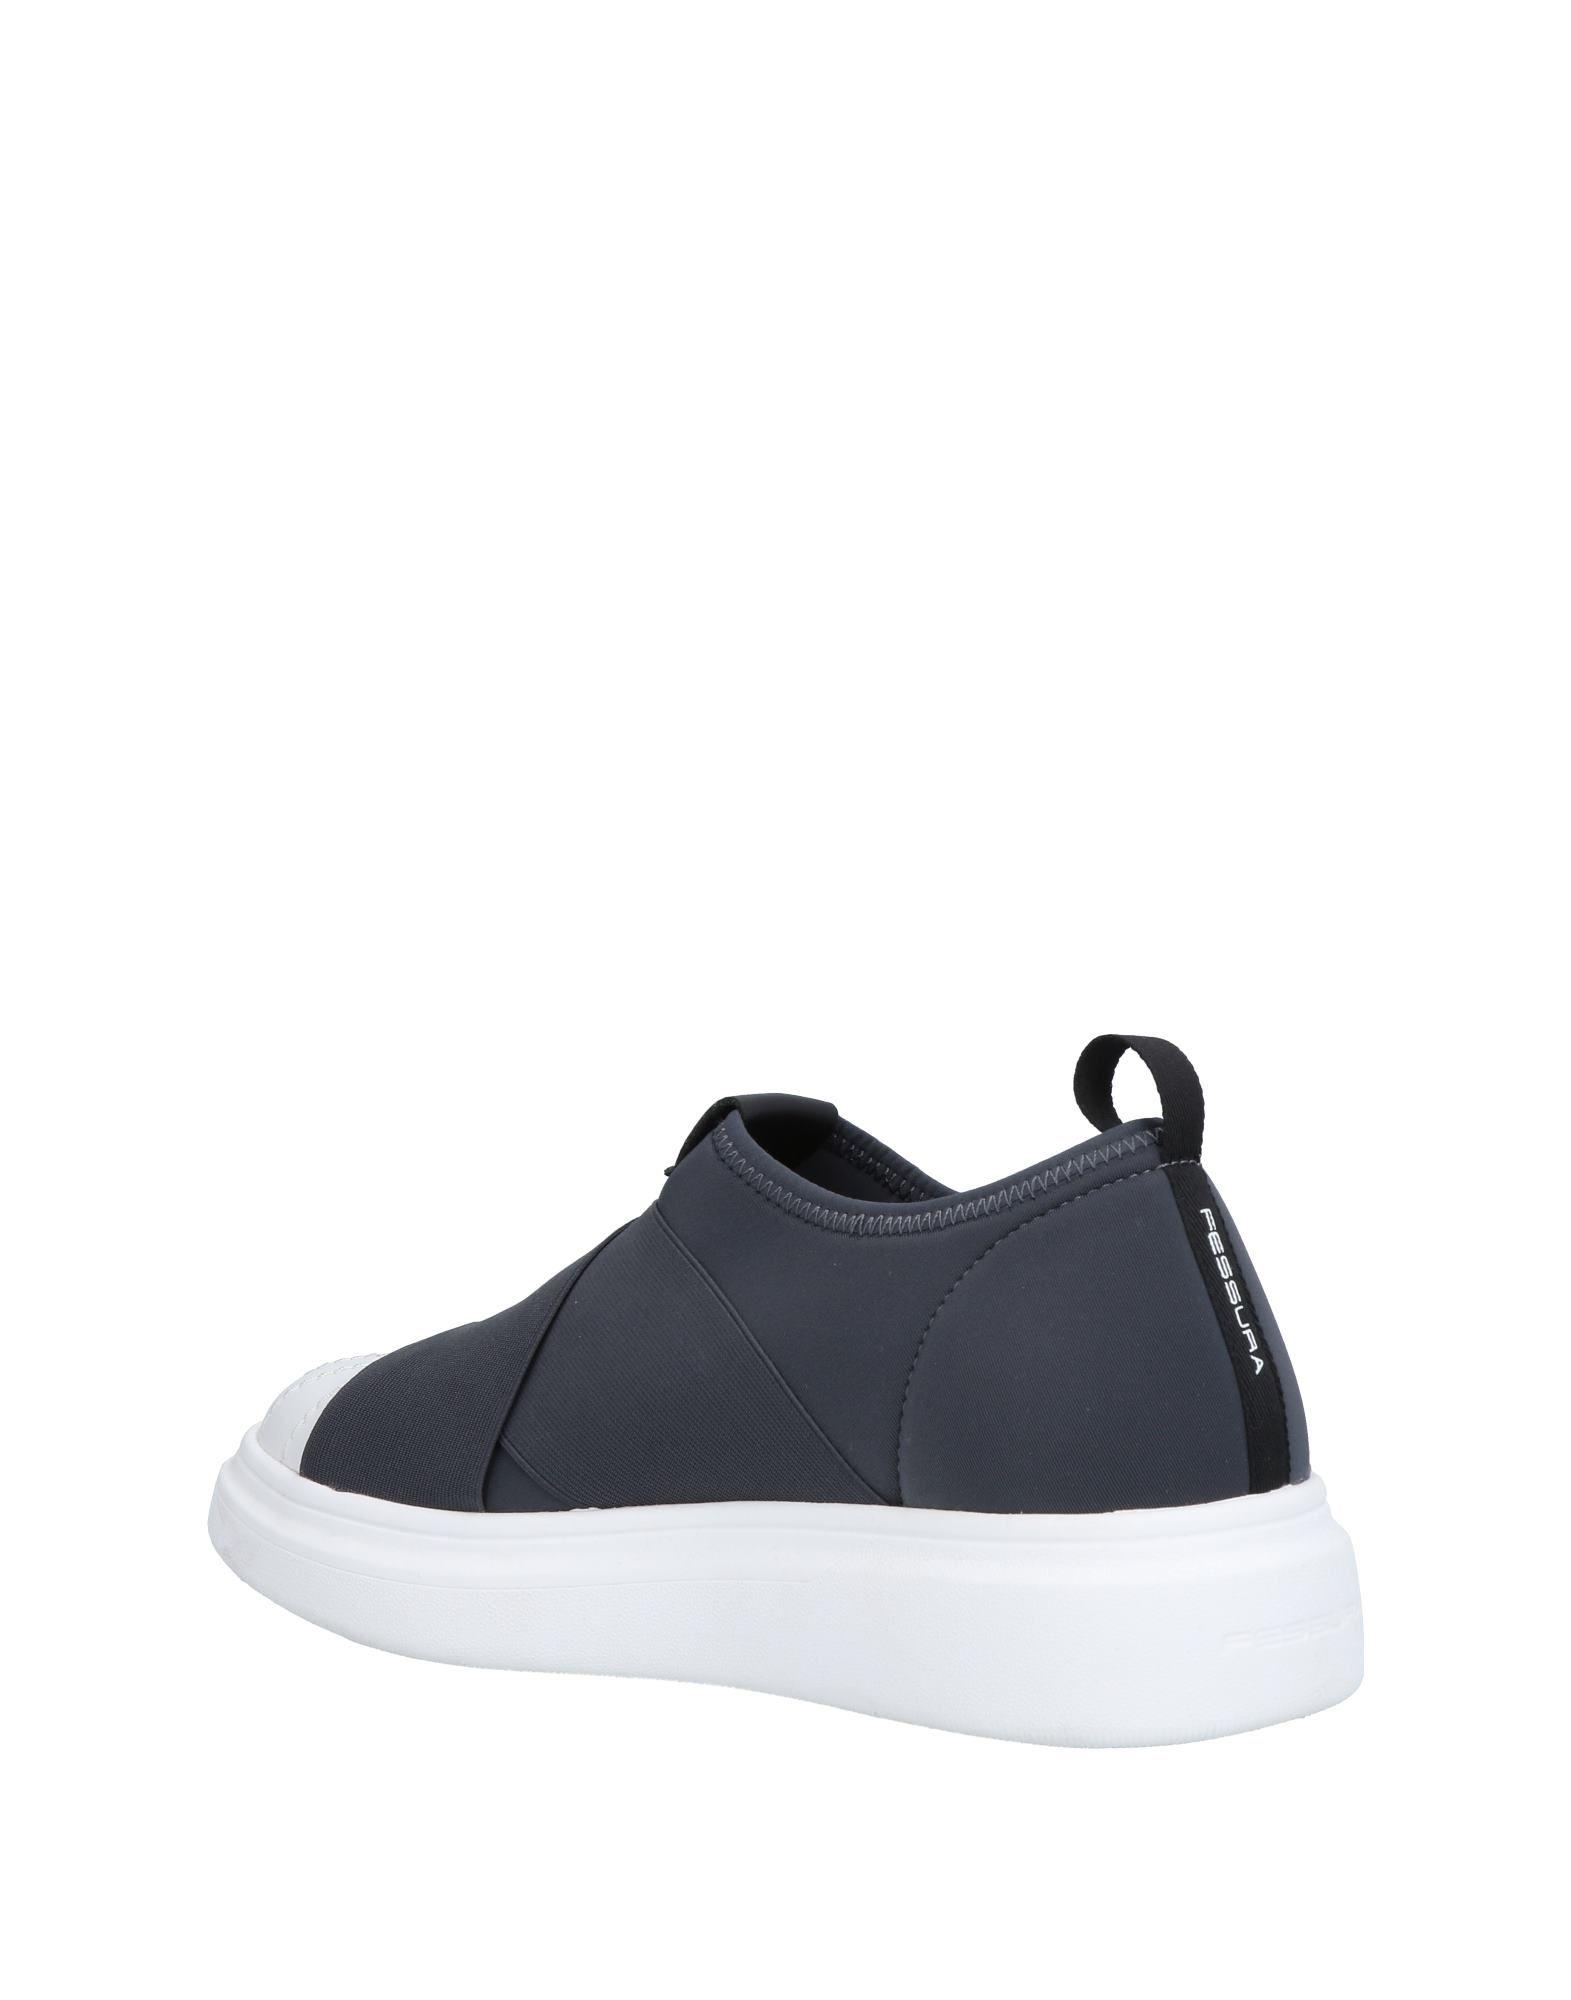 Fessura Sneakers Sneakers Sneakers Herren  11490694QF Heiße Schuhe 87a885